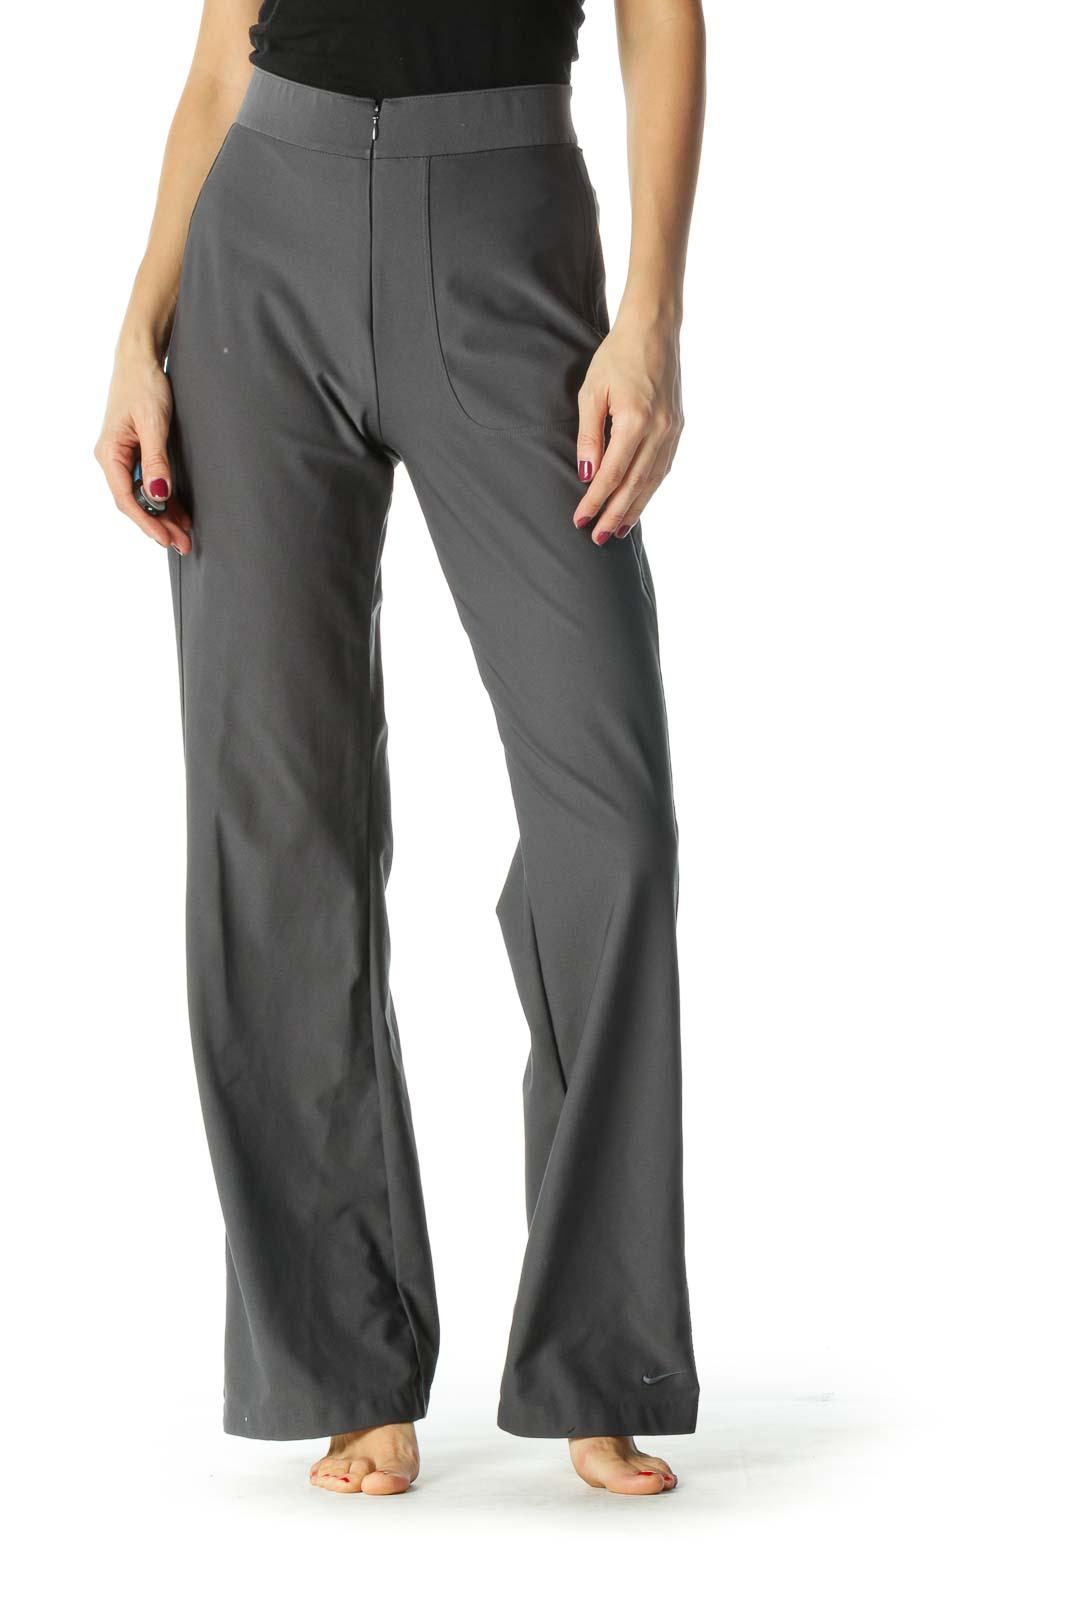 Gray Sports Pants